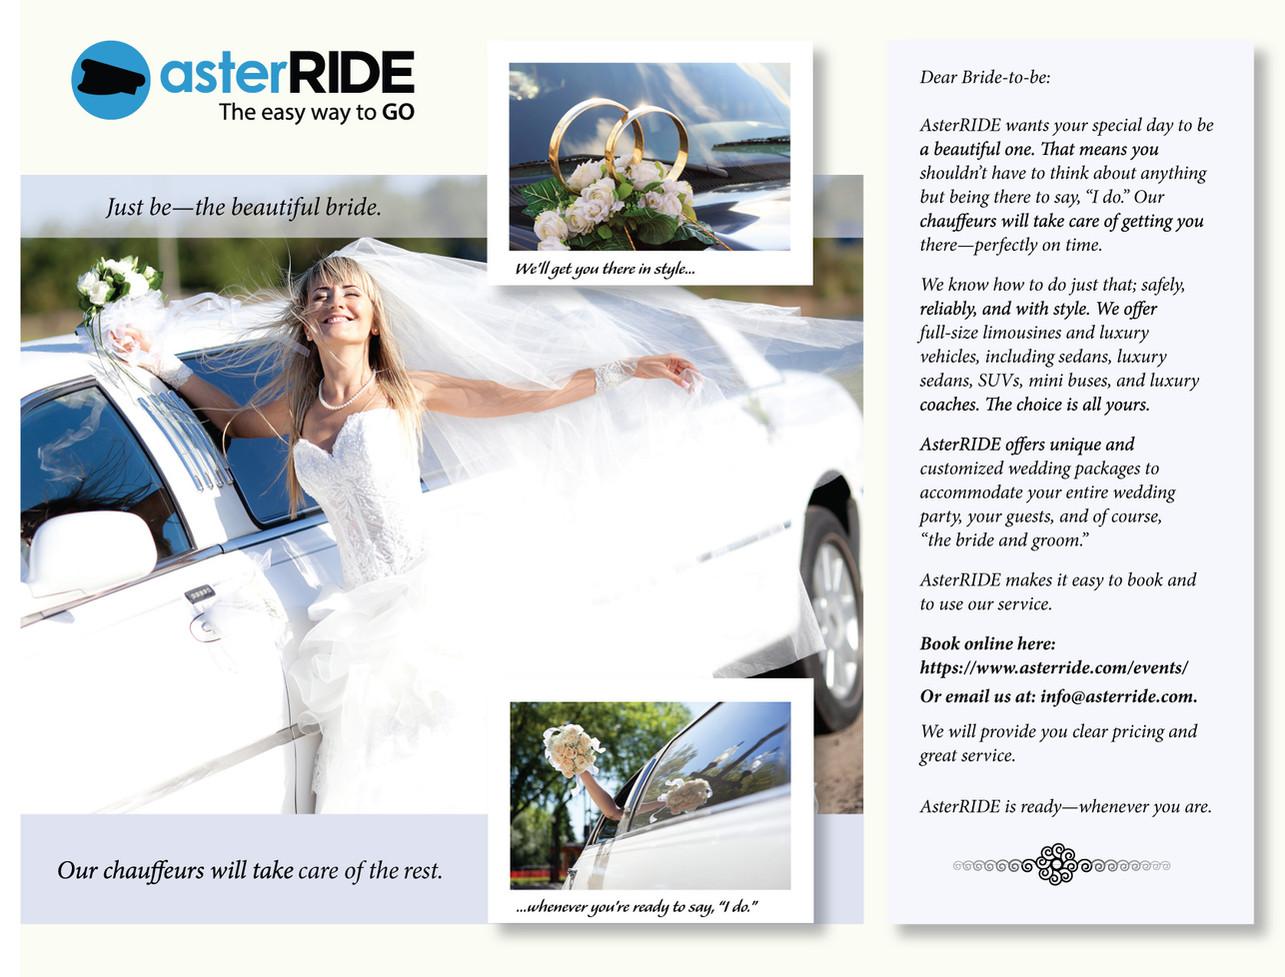 asterRIDE promo targeting wedding planners